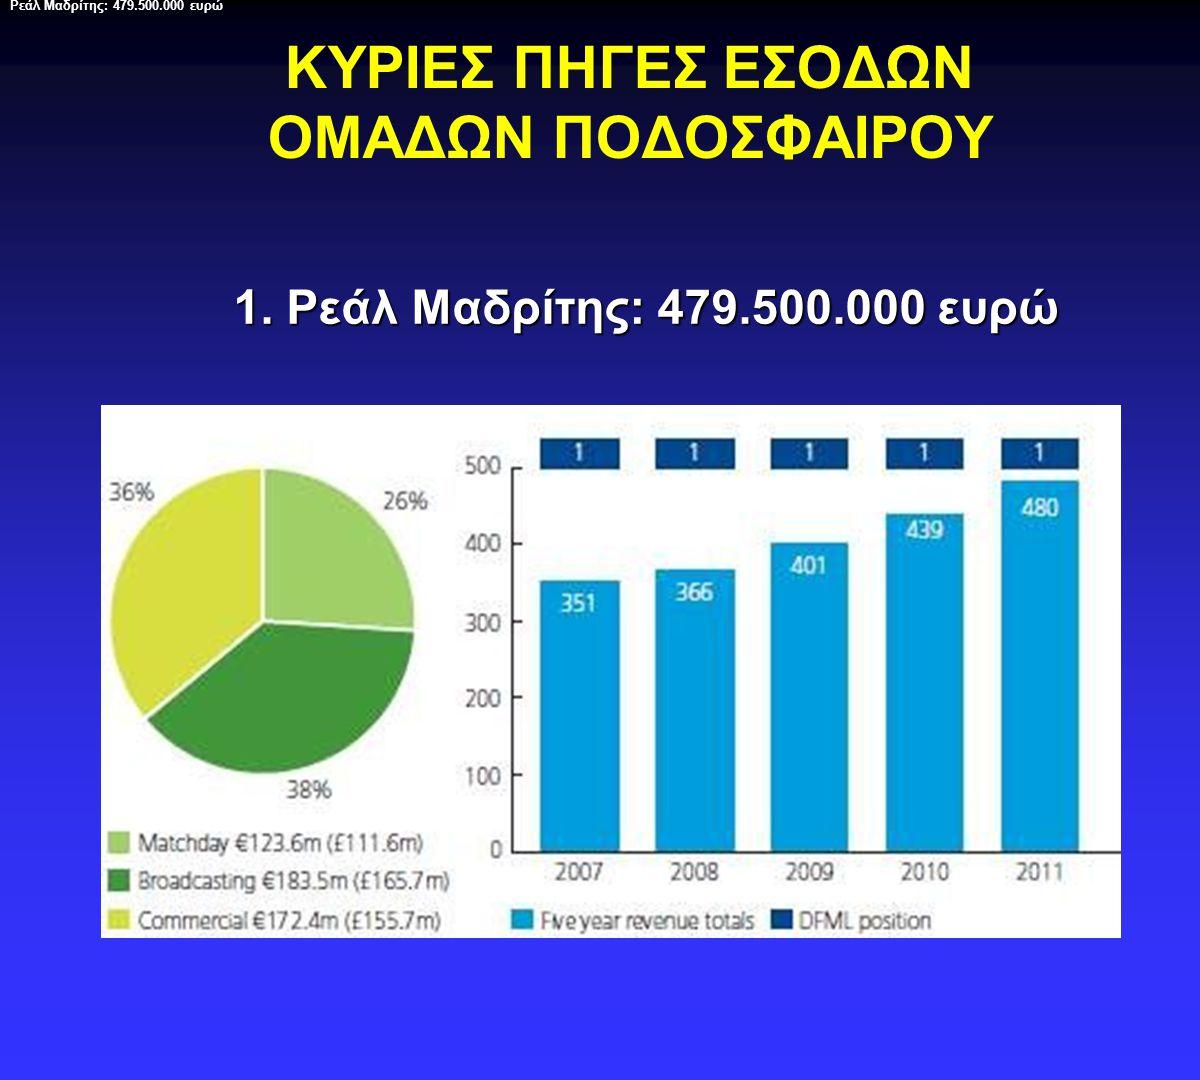 ΚΥΡΙΕΣ ΠΗΓΕΣ ΕΣΟΔΩΝ ΟΜΑΔΩΝ ΠΟΔΟΣΦΑΙΡΟΥ 2. Μπαρτσελόνα: 450.700.000 ευρώ